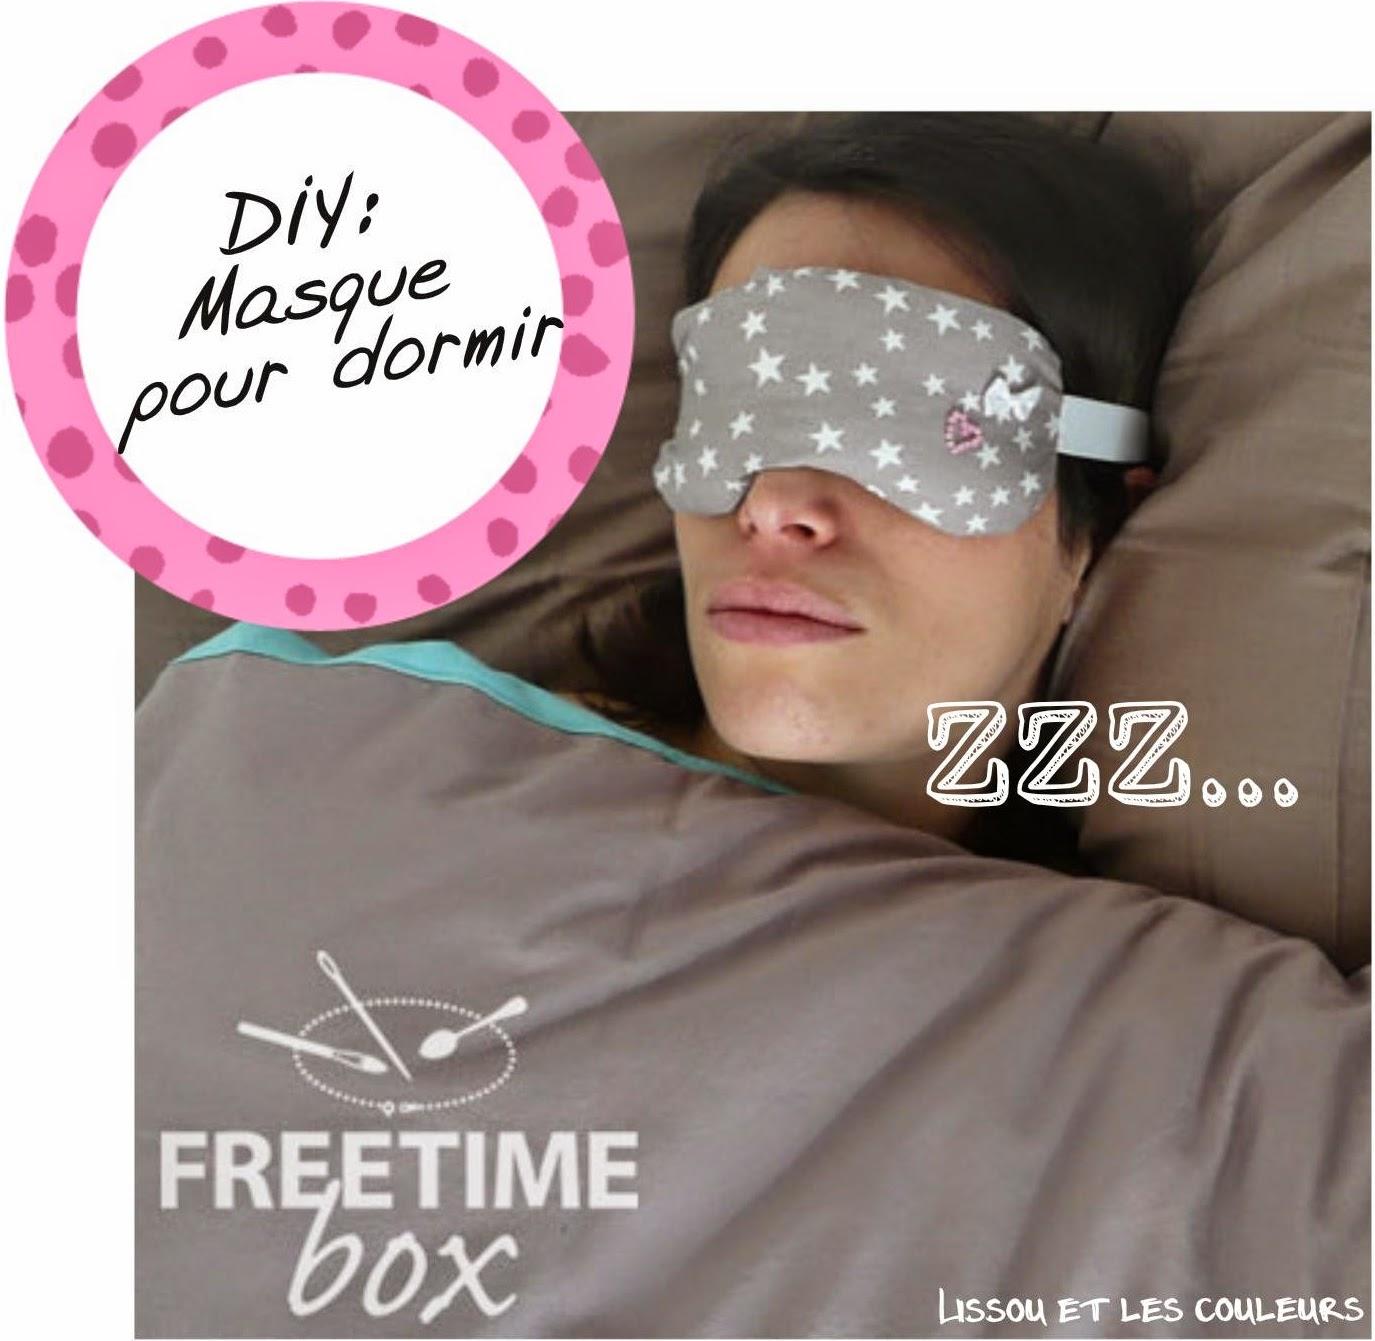 http://www.freetimebox.com/blog/box4-masque-pour-dormir-alice/